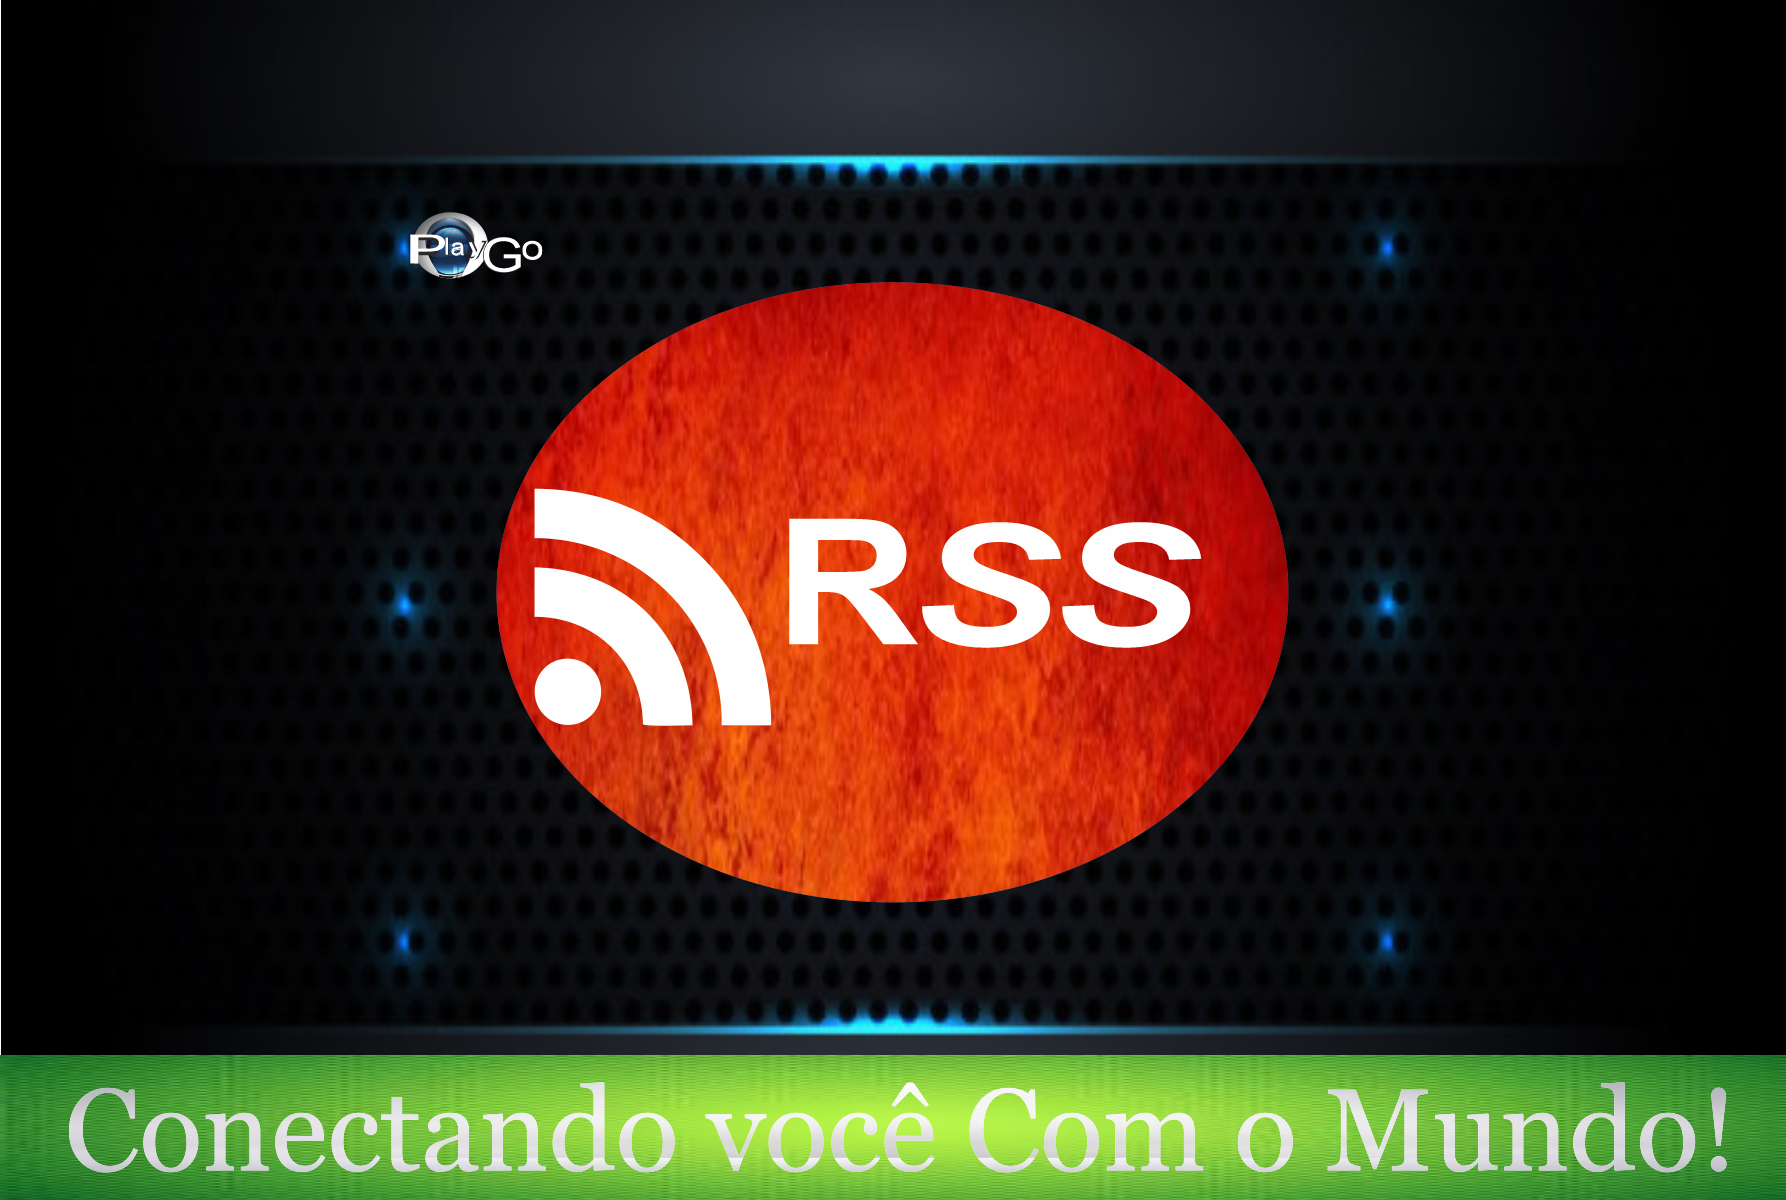 icons-social__item icons-social__item--rss